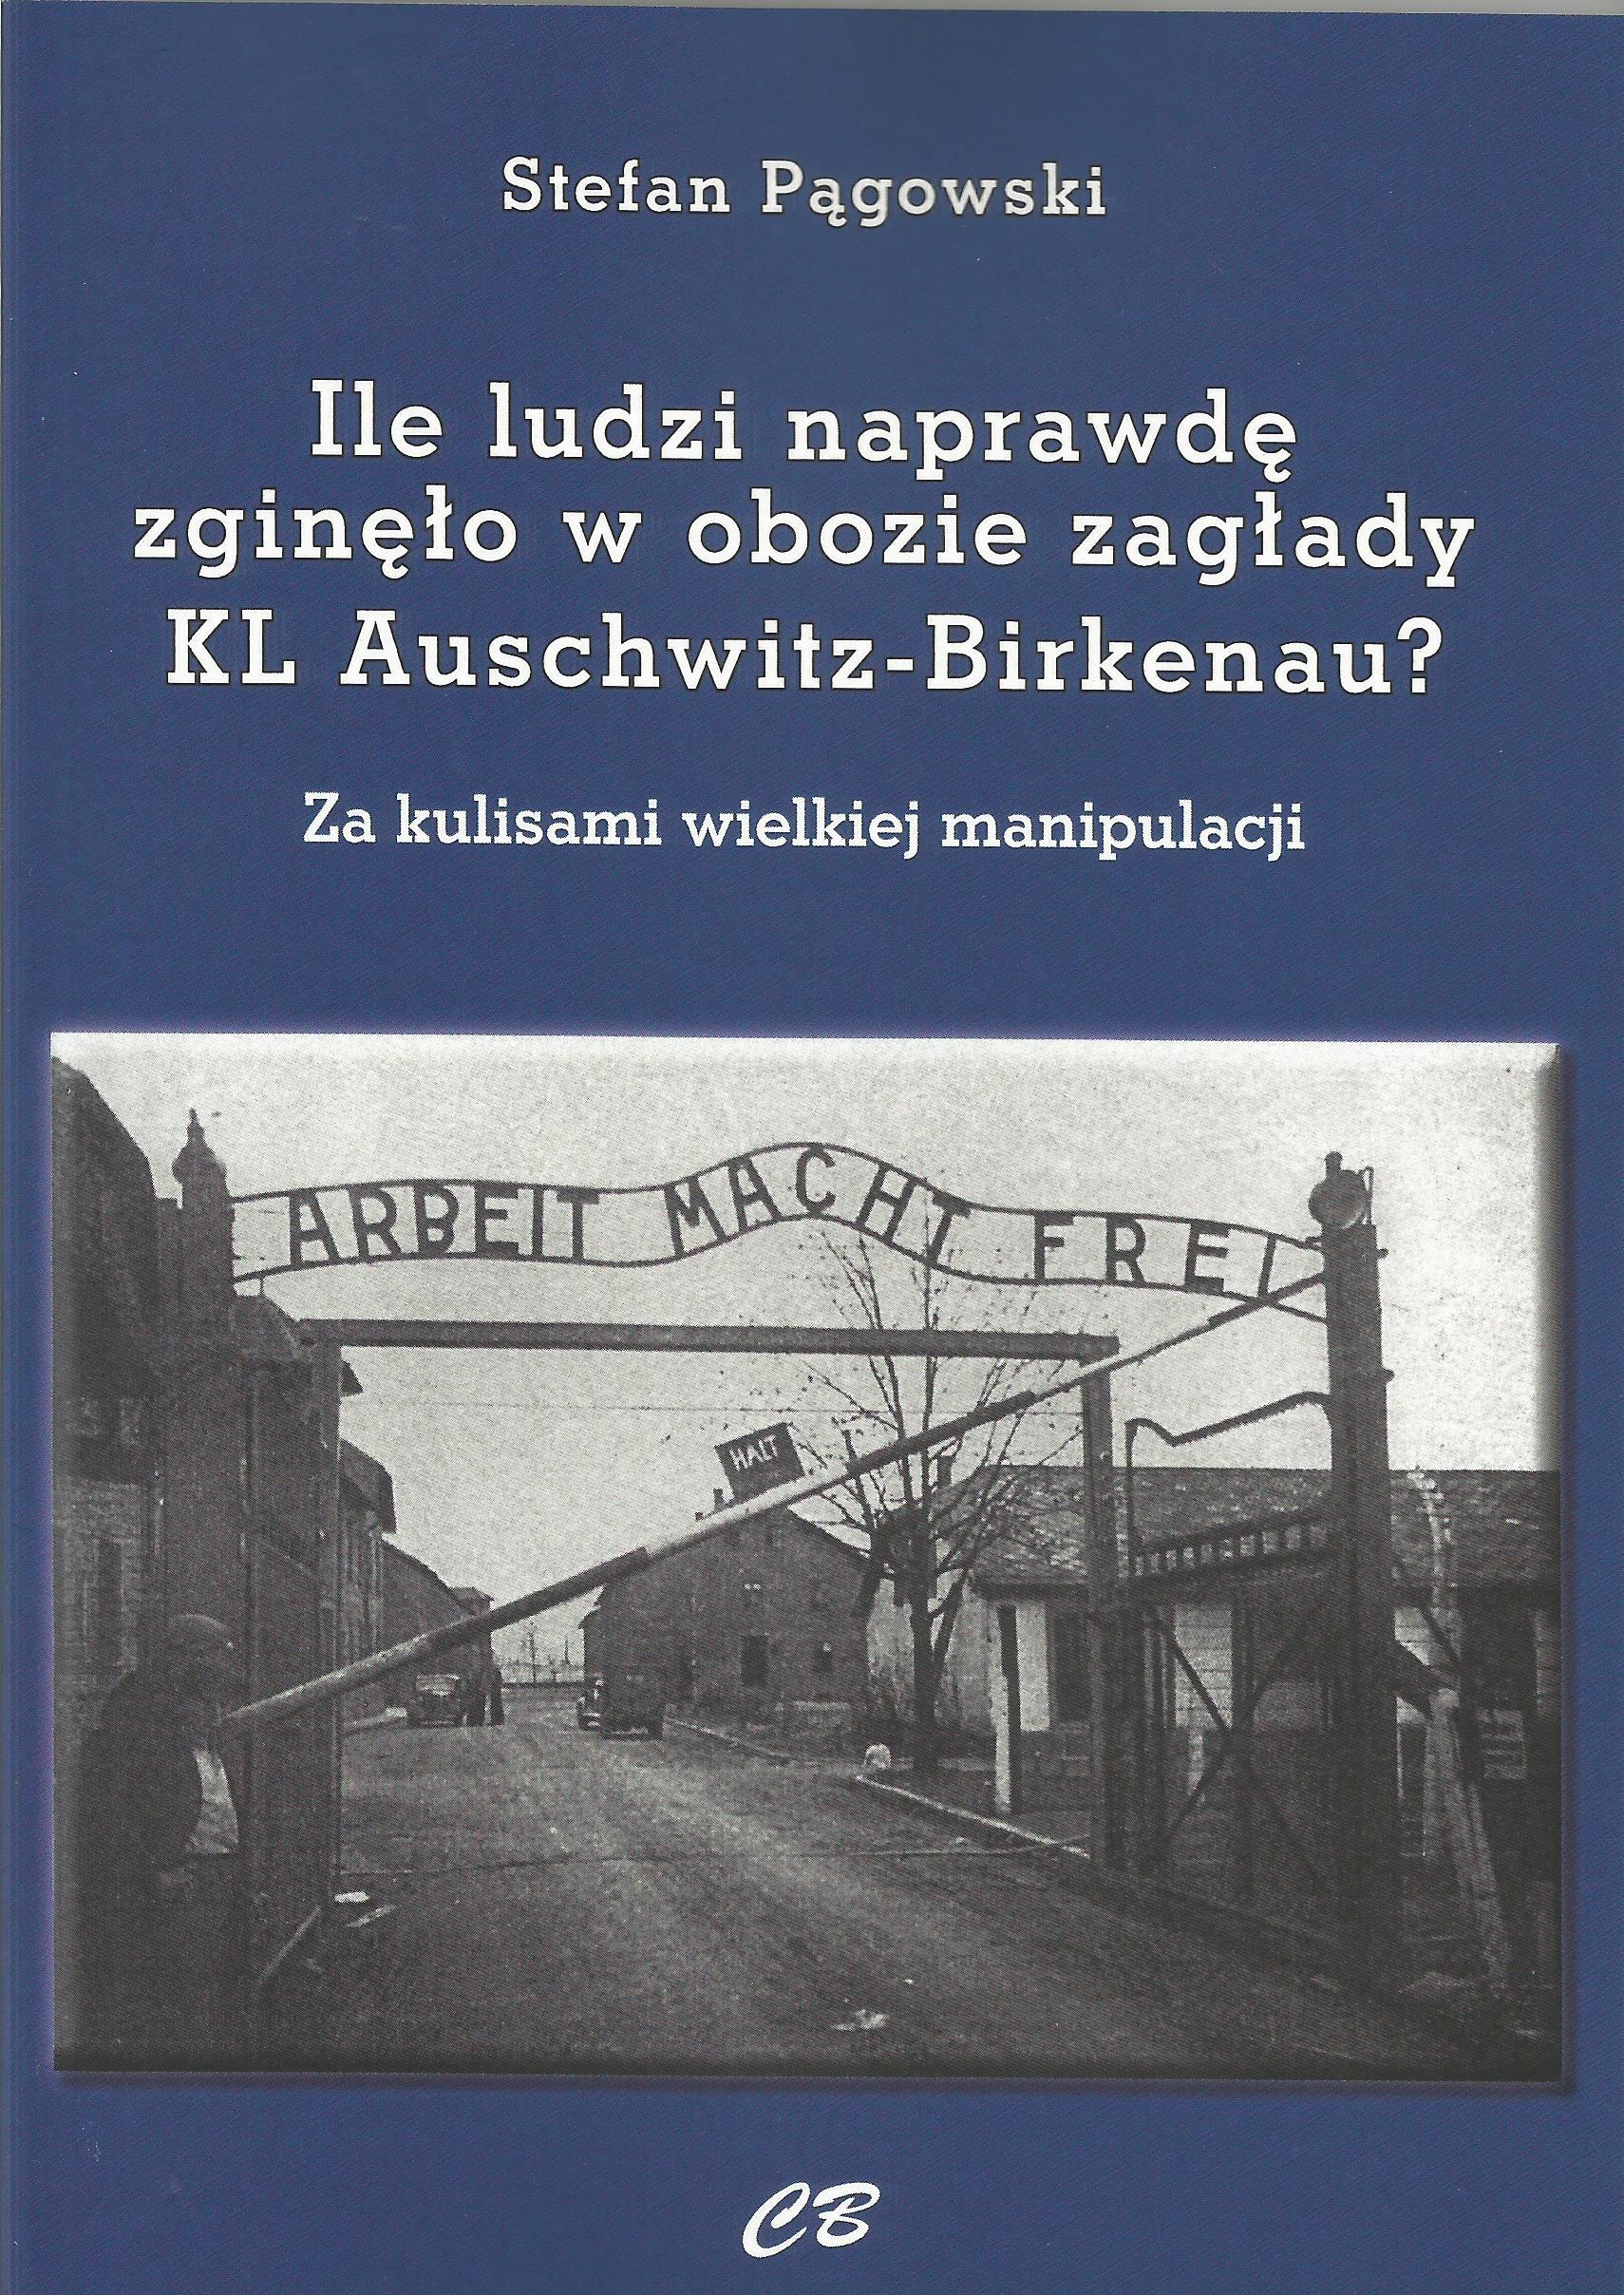 Ile ludzi naprawdę zginęło w obozie zagłady KL Auschwitz-Birkenau ? (S.Pągowski)